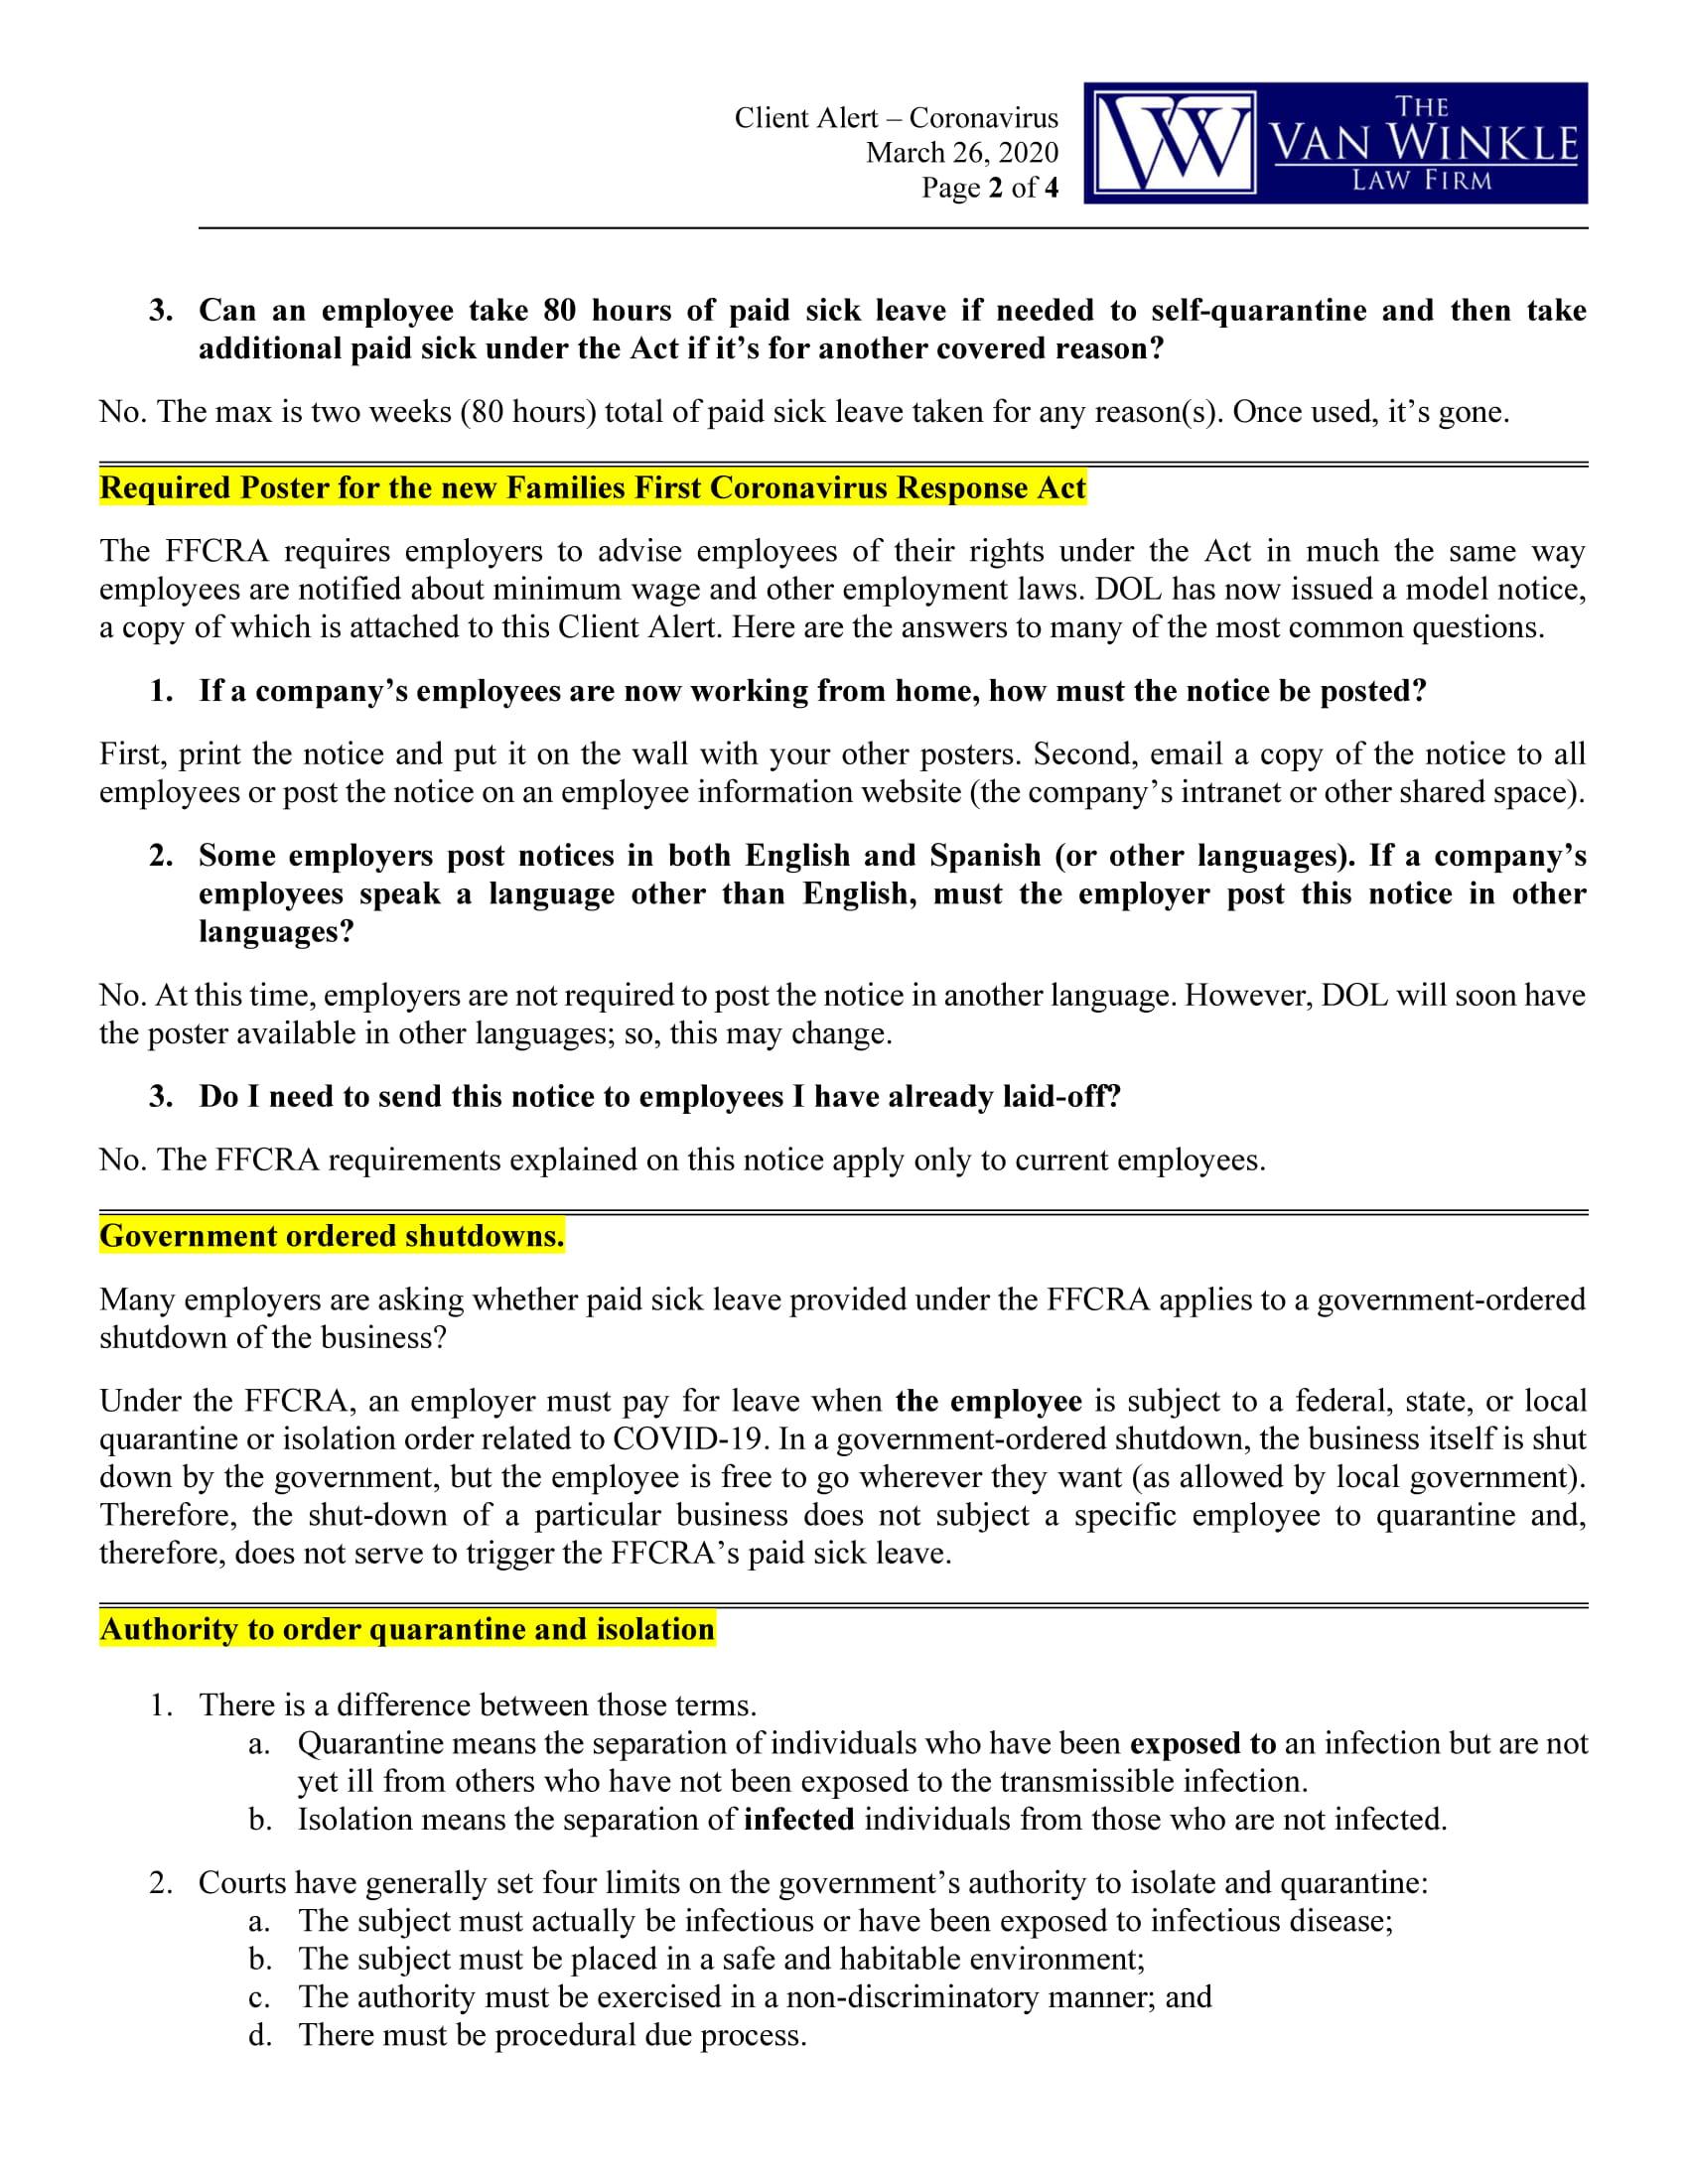 FFCRA Supplemental Guidance Page 2